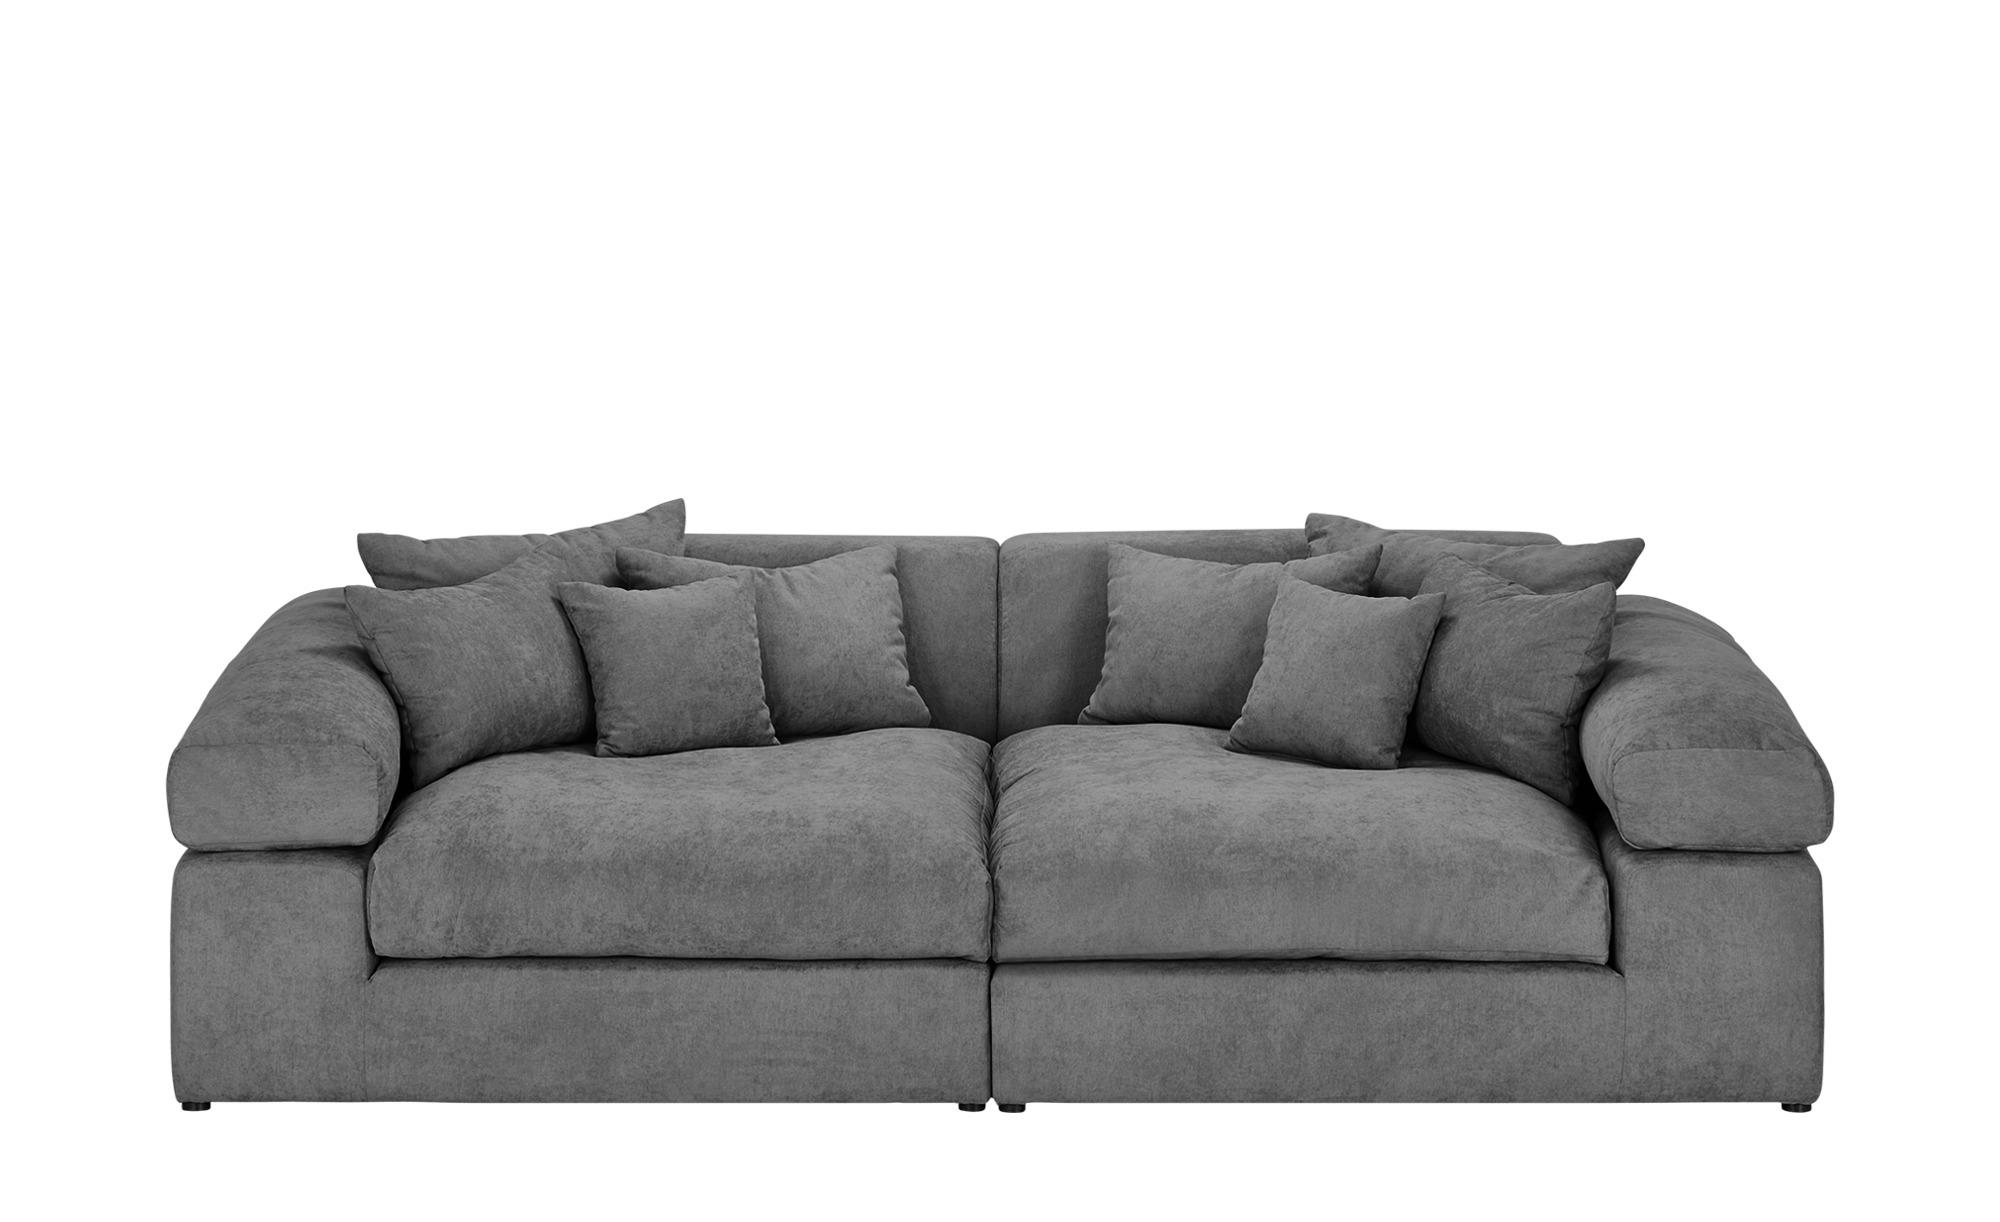 Smart Big Sofa Mit Bildern Grosse Sofas Kleine Couch Sofa